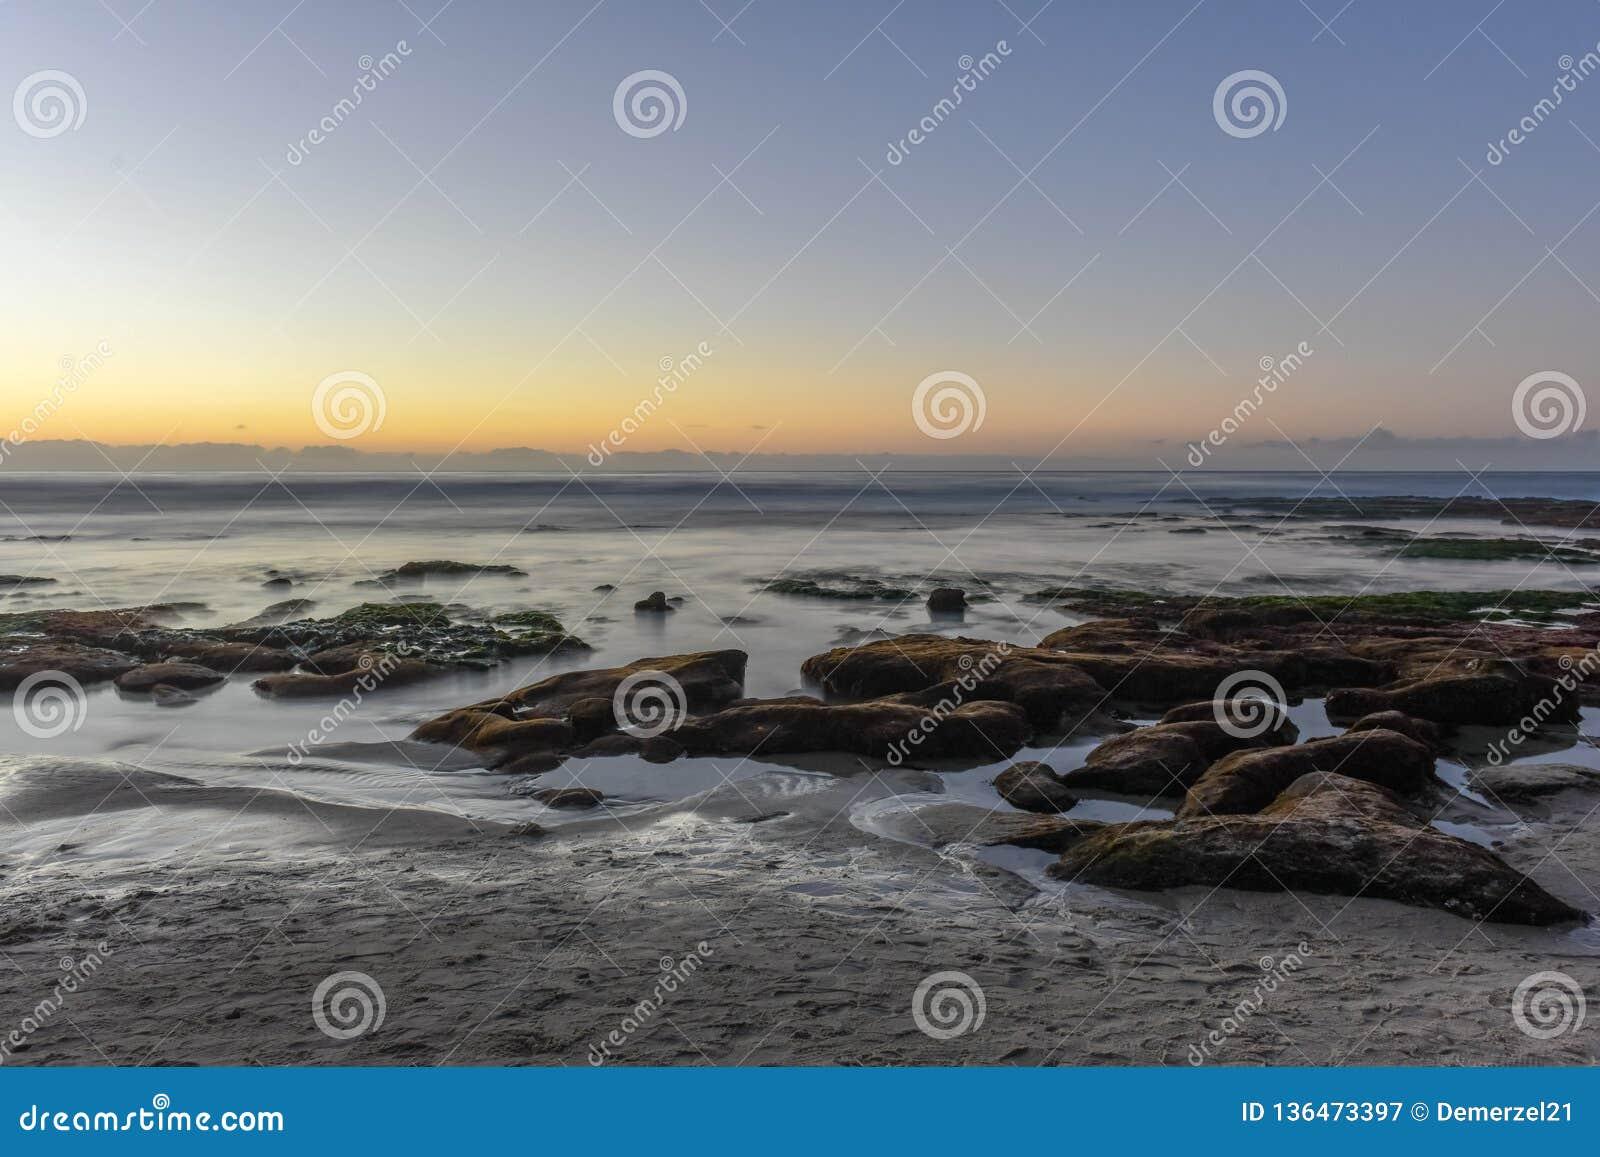 Costas de La Jolla - San Diego, Califórnia